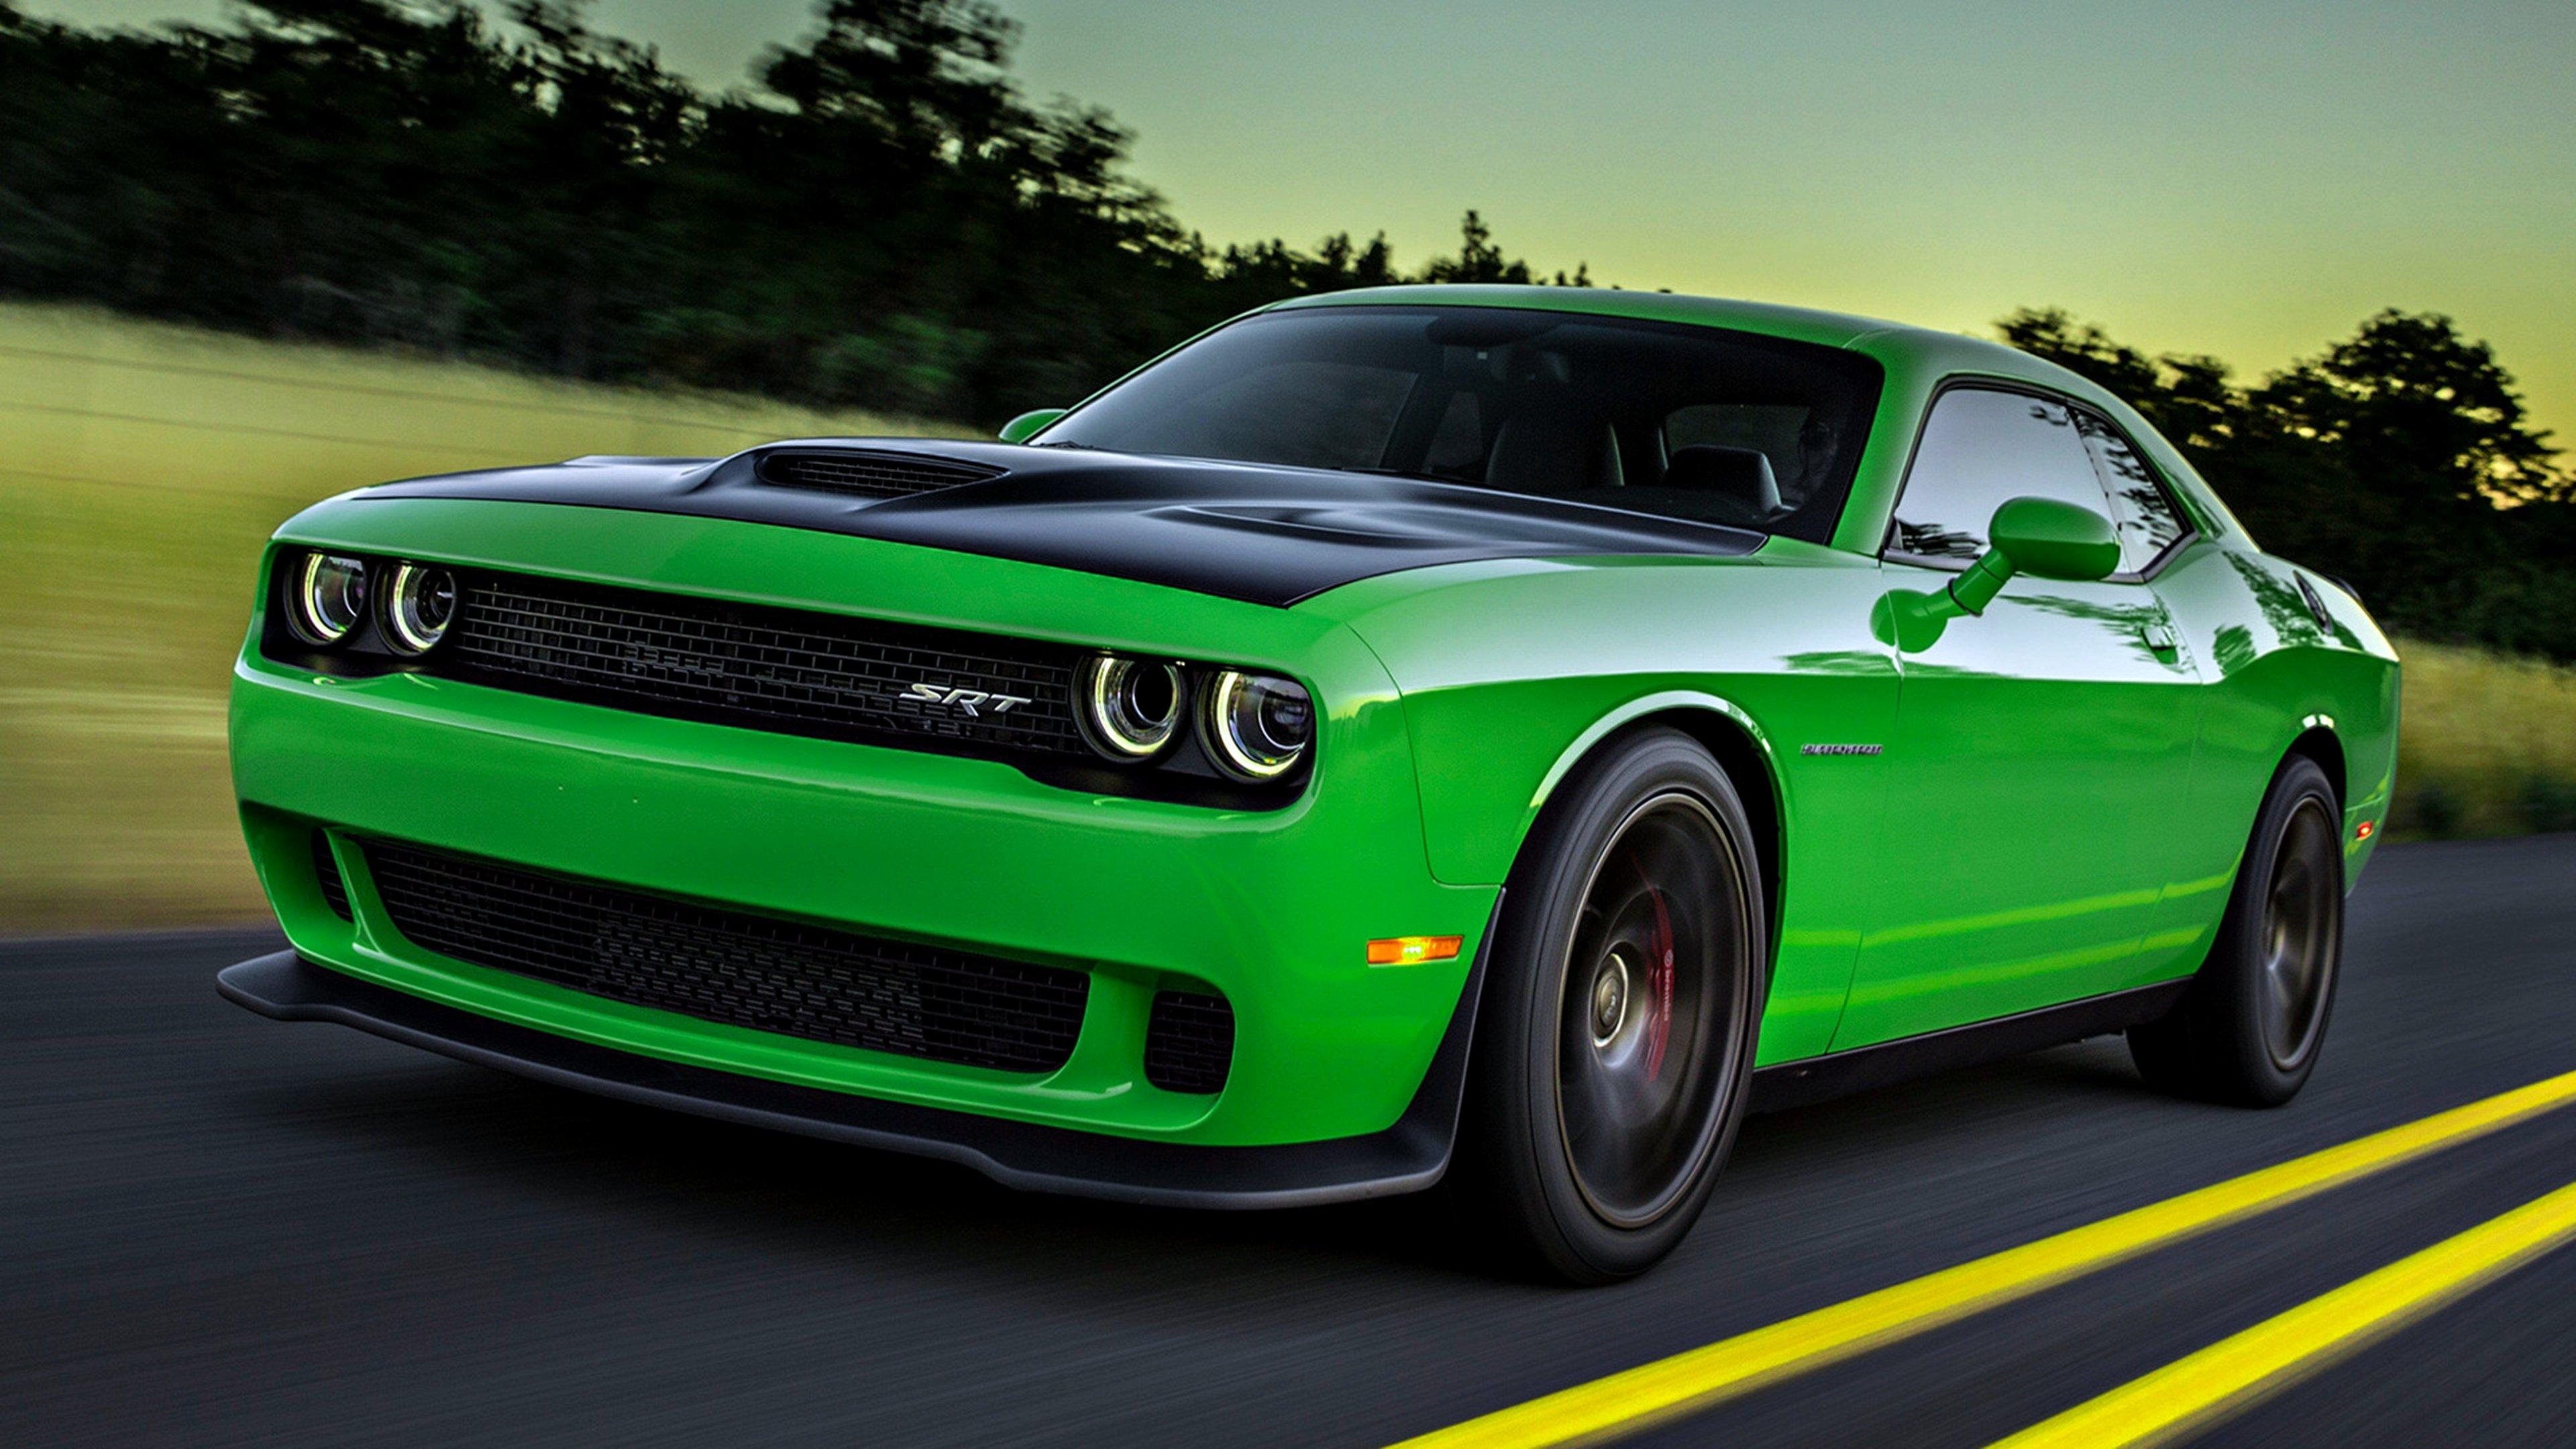 2015 dodge challenger srt hellcat cars motors road speed landscape green wallpaper 3840x2160. Black Bedroom Furniture Sets. Home Design Ideas